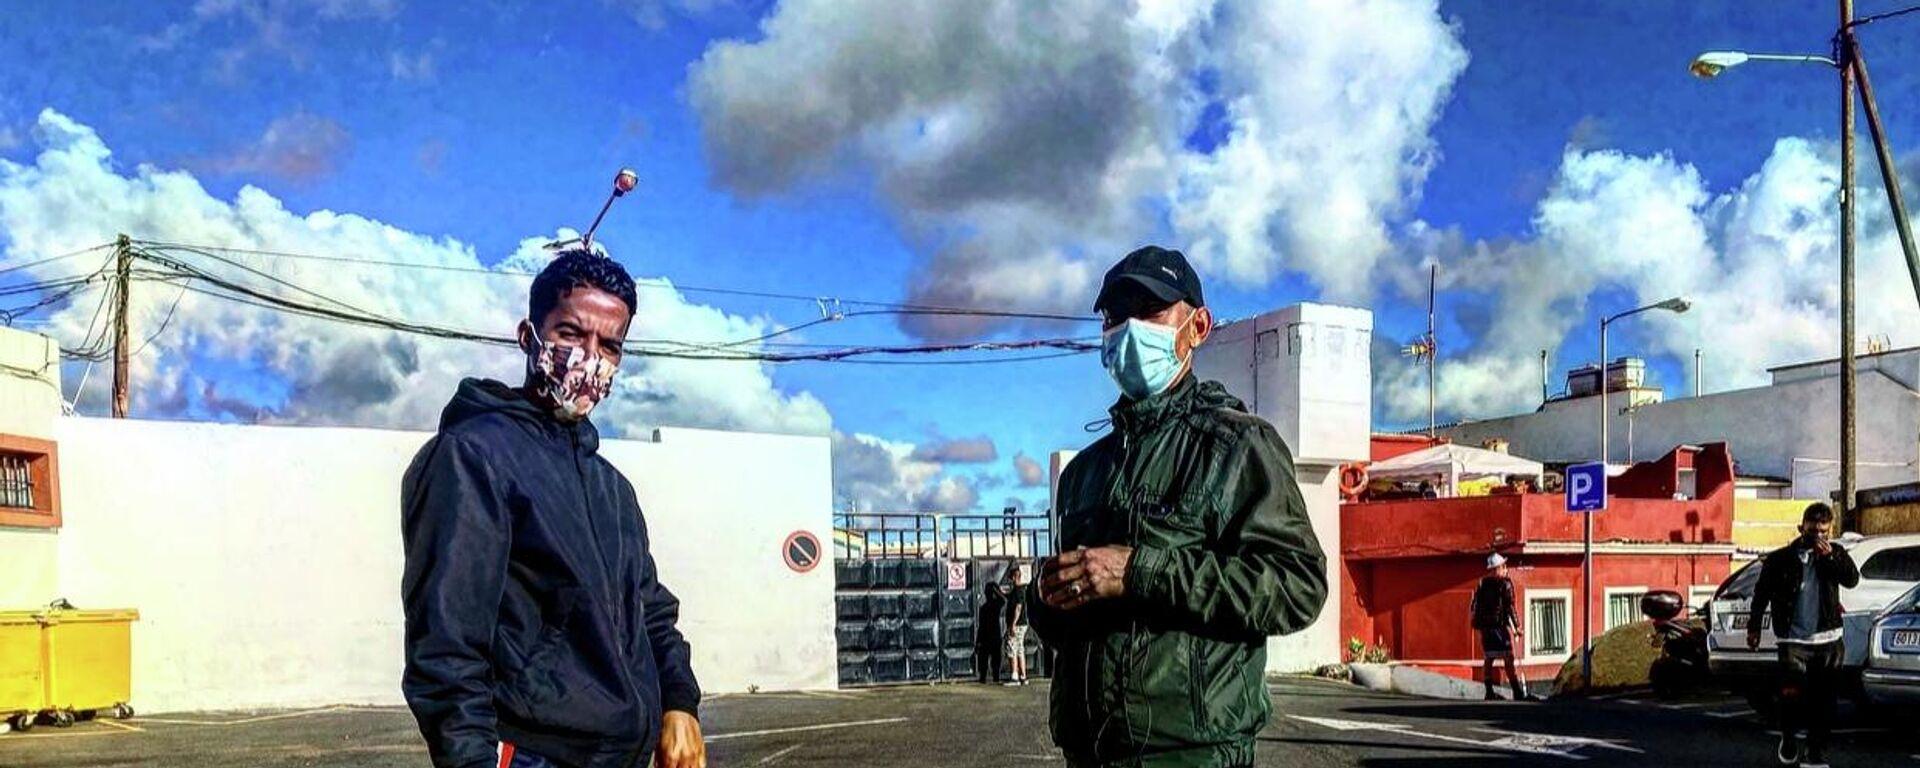 Dos inmigrantes marroquíes frente al campamento de acogida Canarias 50 de Gran Canarias - Sputnik Mundo, 1920, 26.02.2021